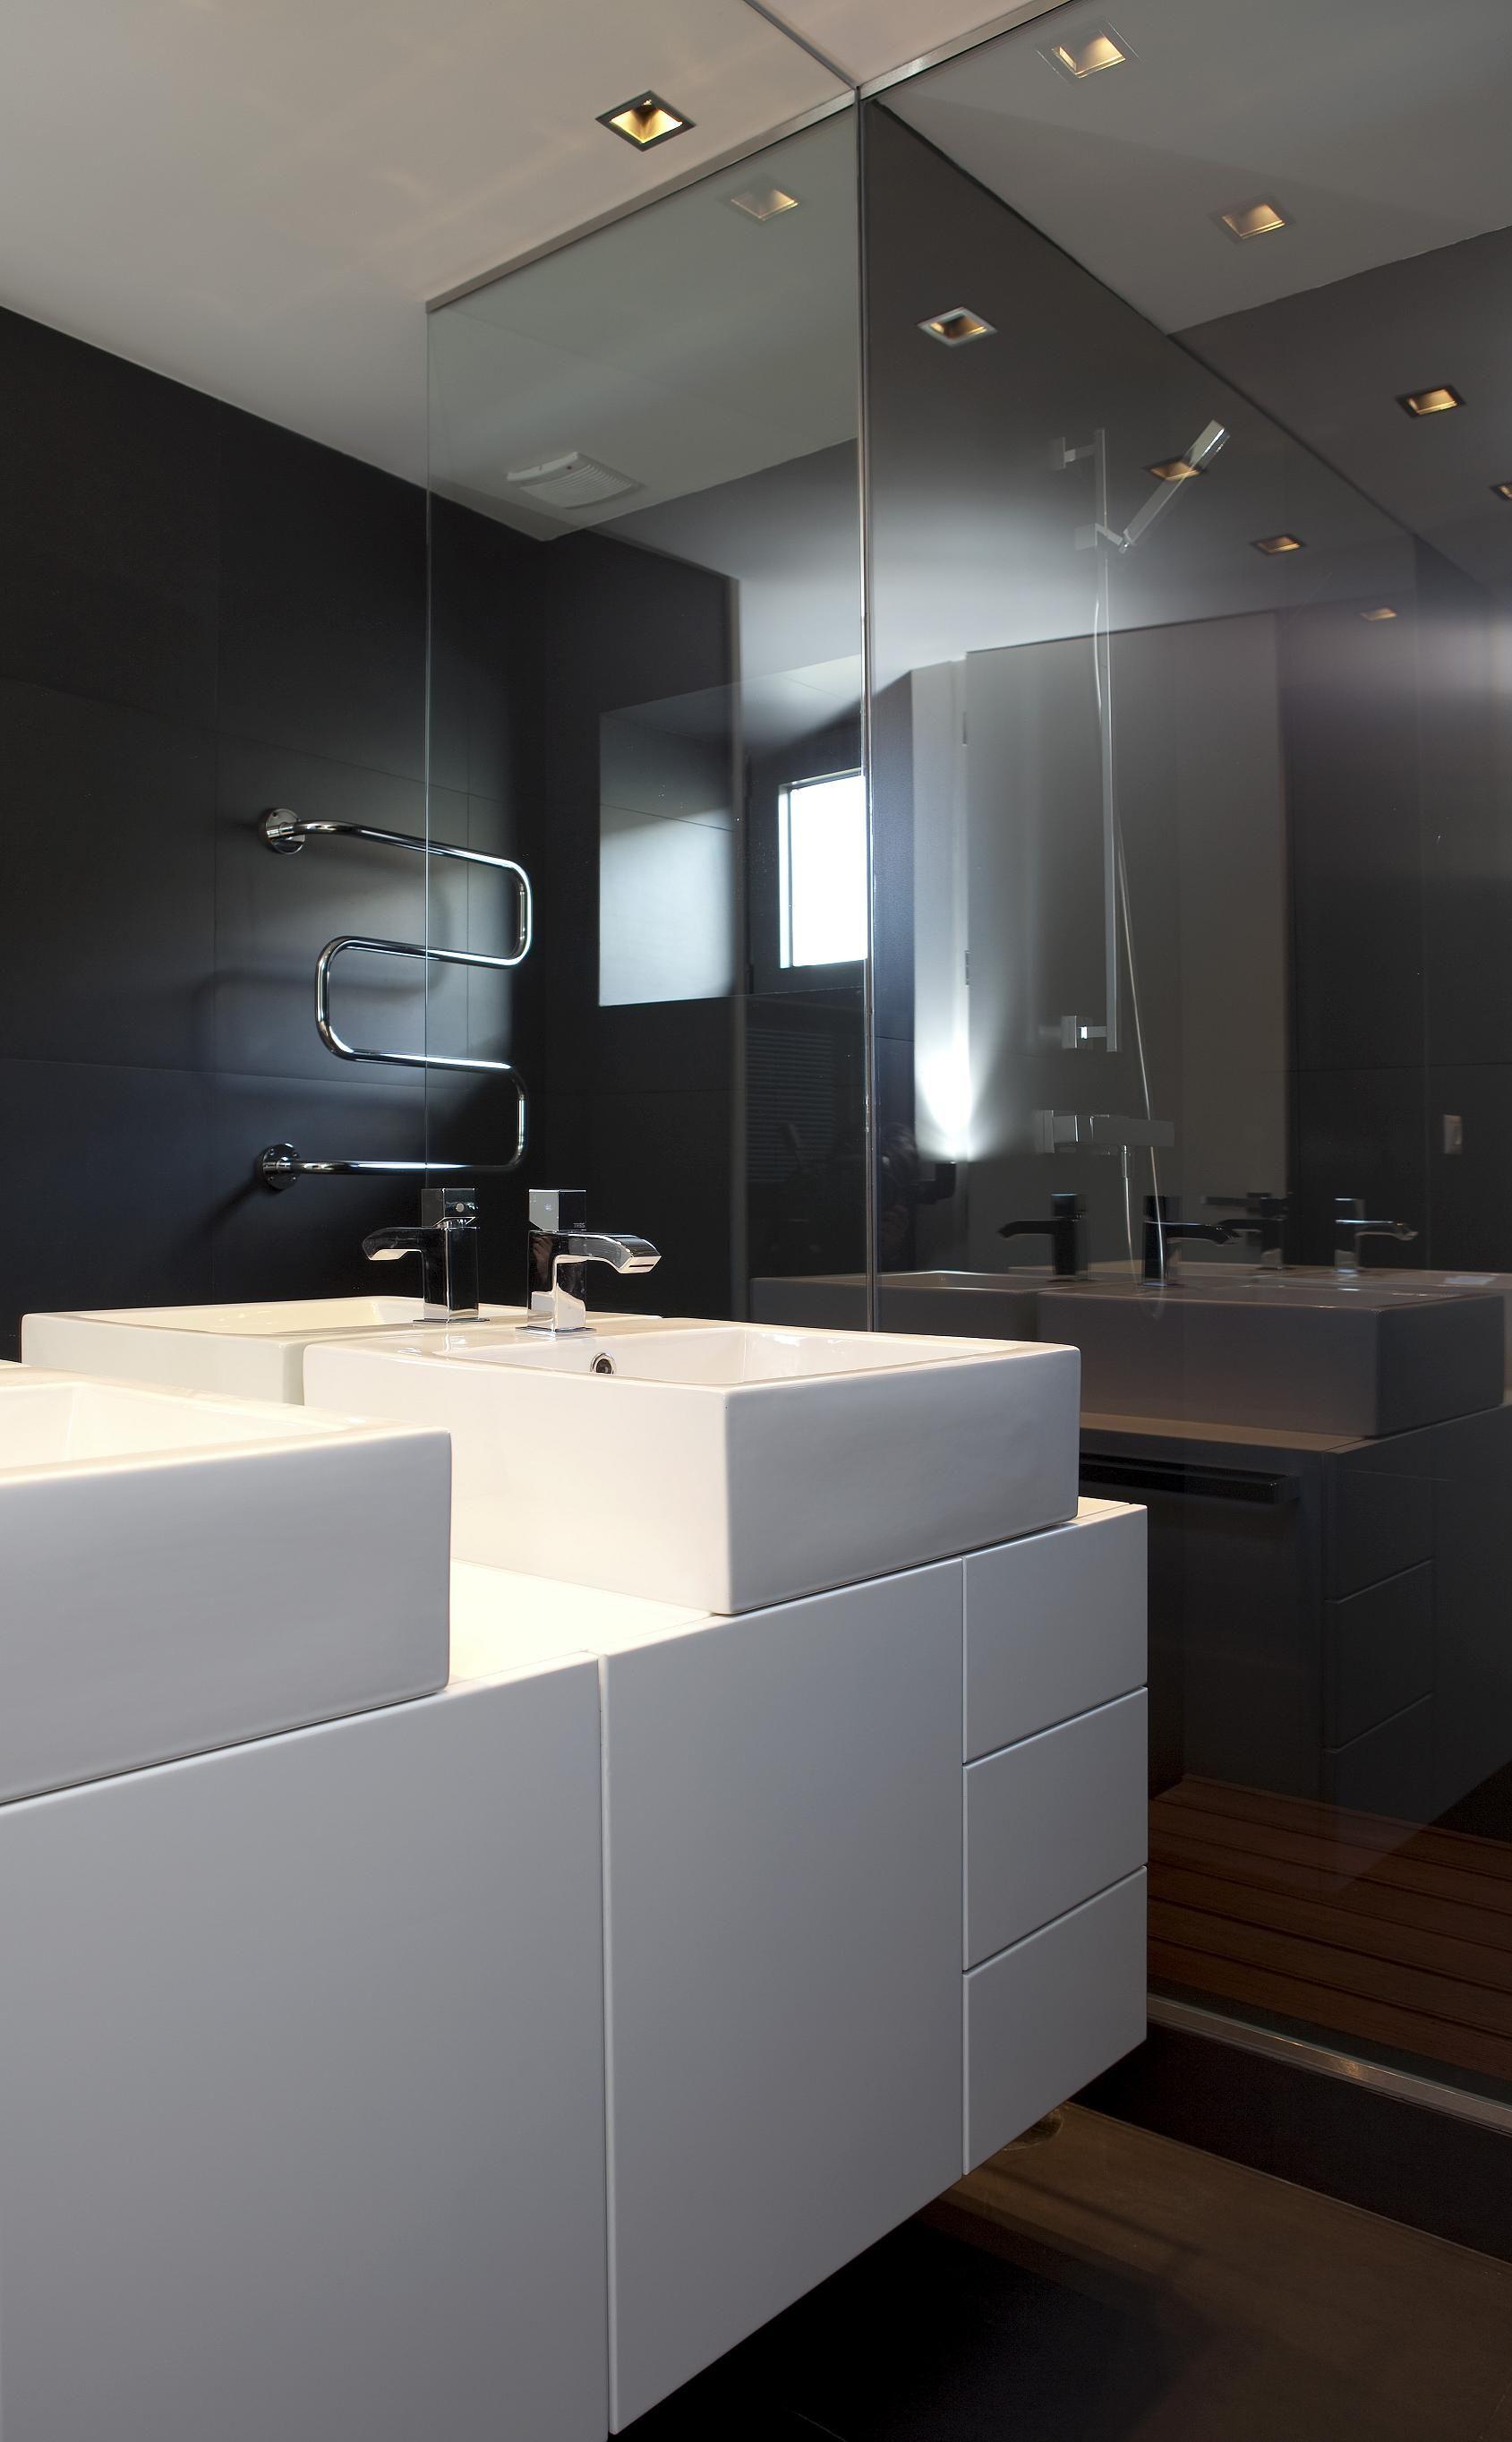 Quarto de banho. Interiores, Remodelação, Espelho para